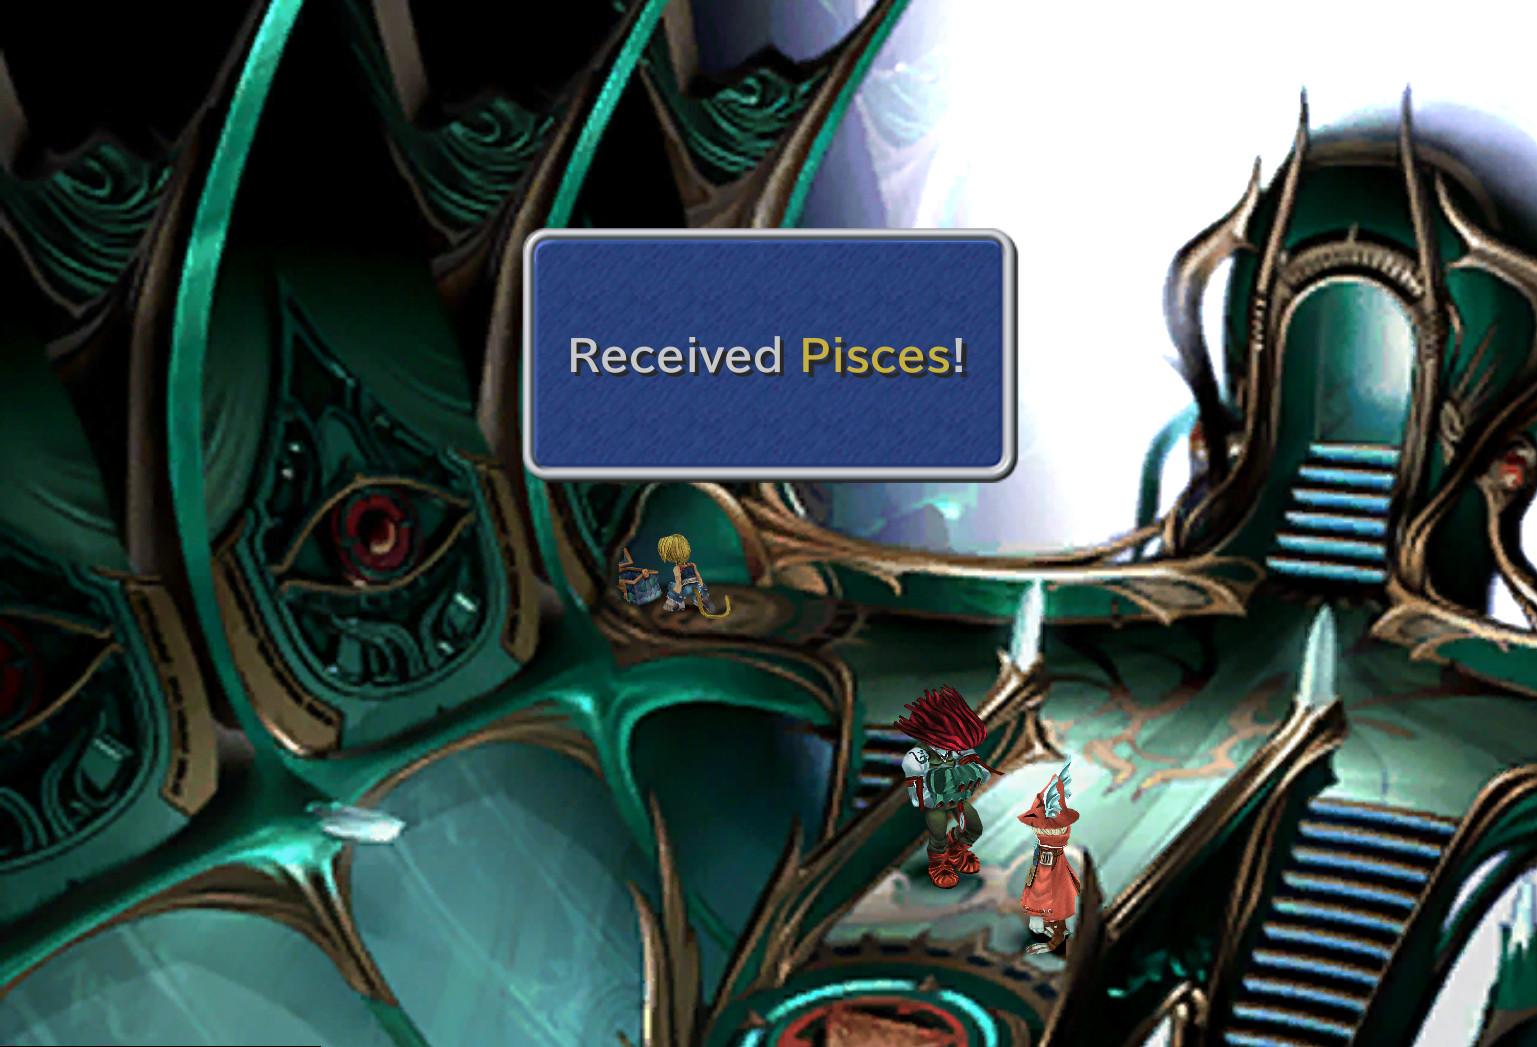 File:Pisces stellazio.JPG